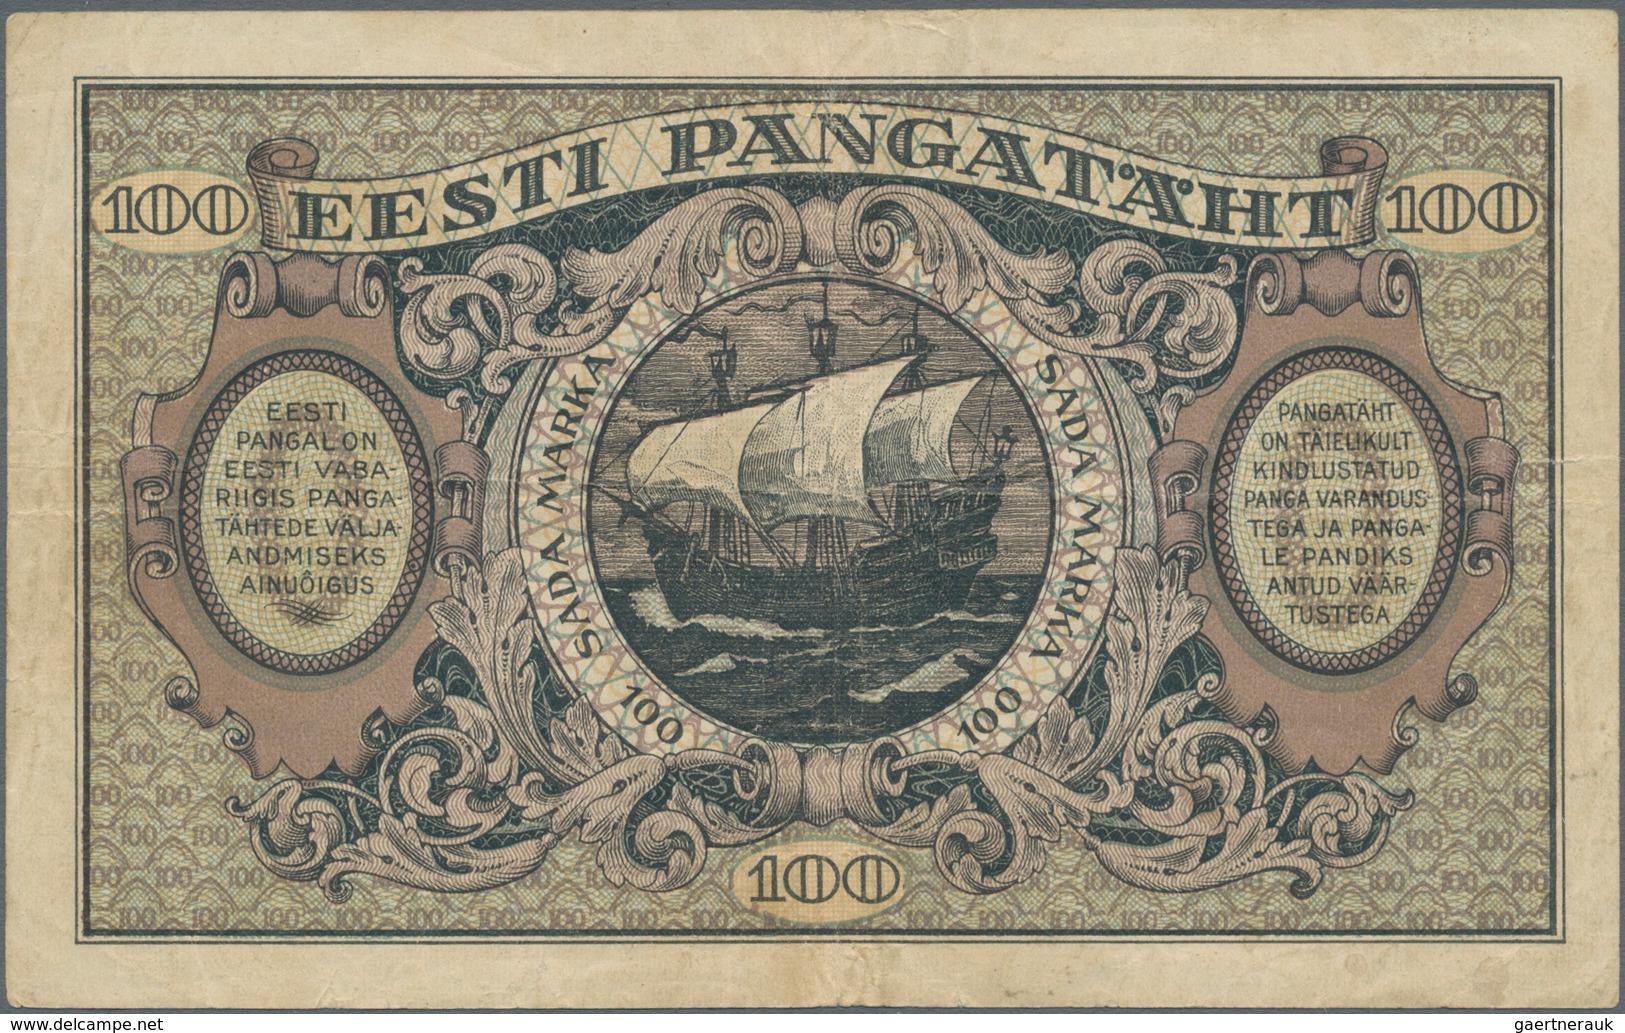 Estonia / Estland: 100 Marka 1922, P.58a, Seldom Offered And Rare Banknote, Still Nice Condition Wit - Estonia